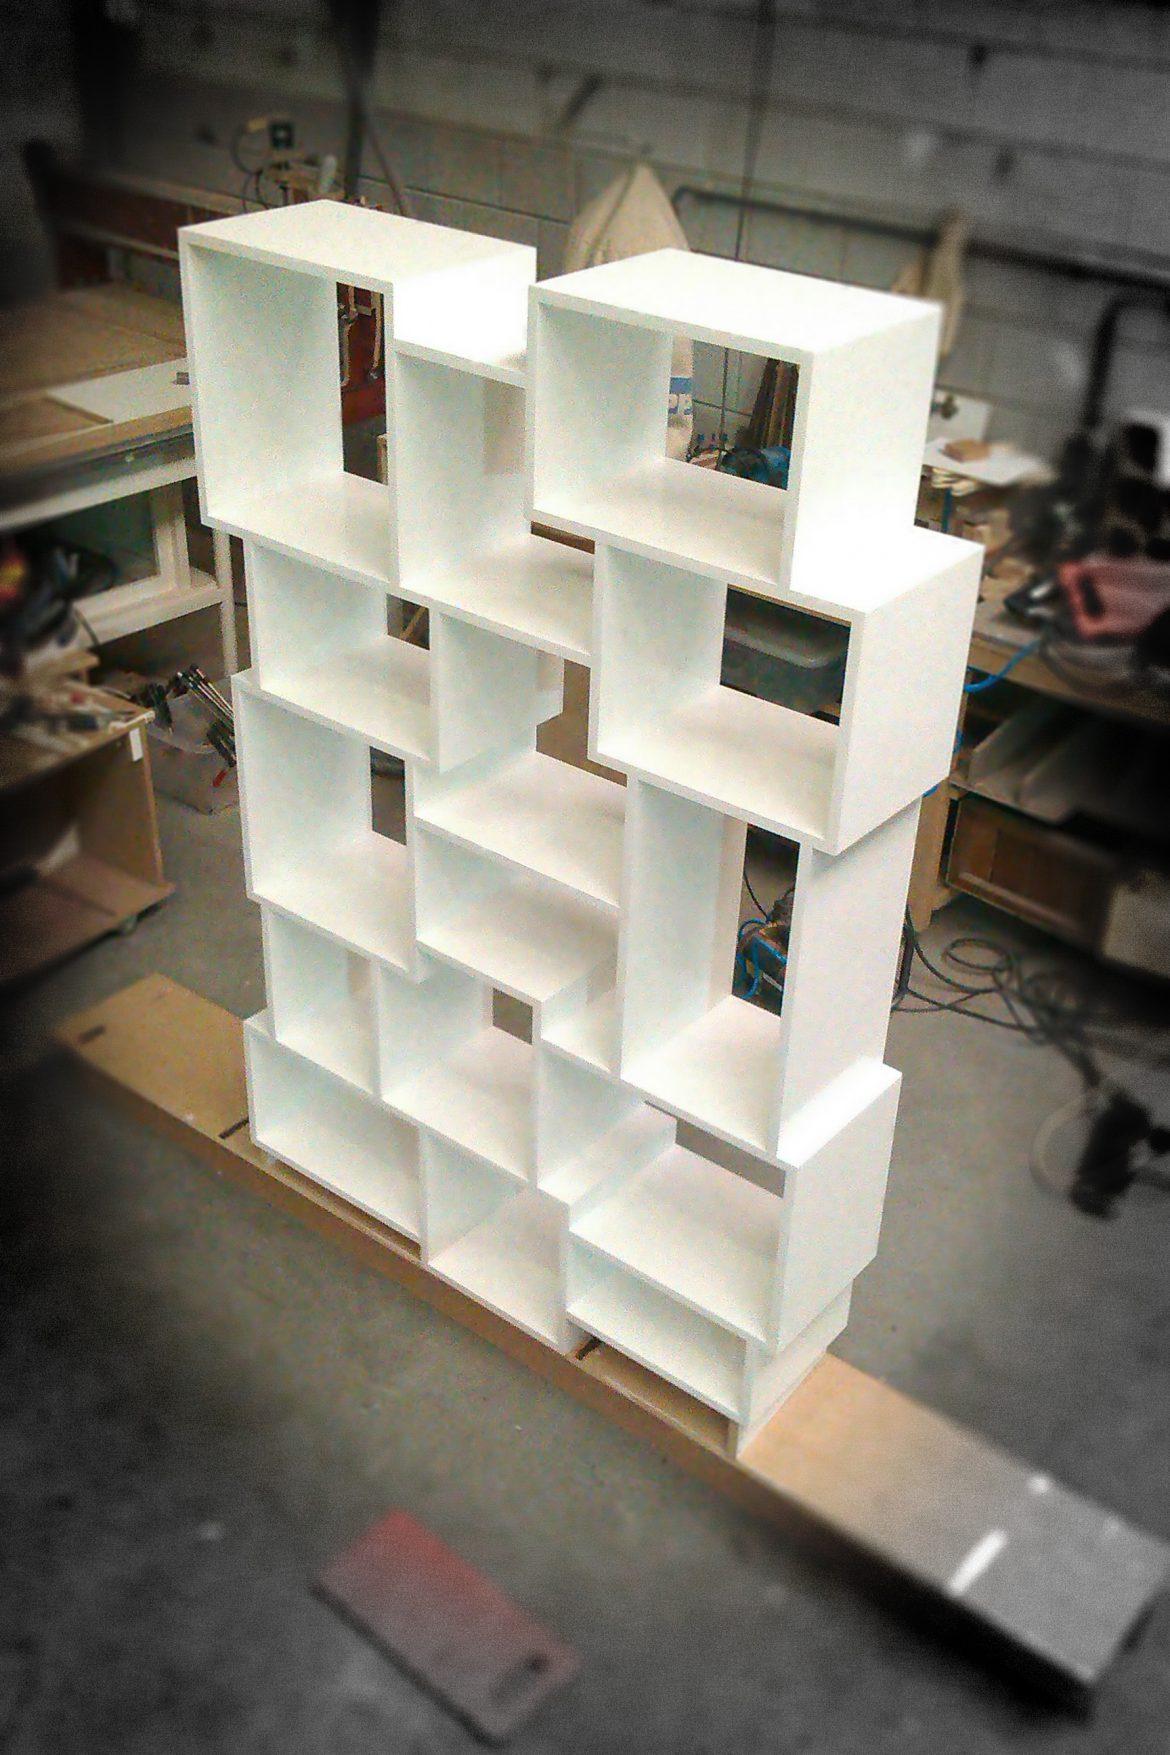 Witte Kast Met Vakken.Hangende Kast Met Verspringende Vakken In Aanbouw Atelier 180